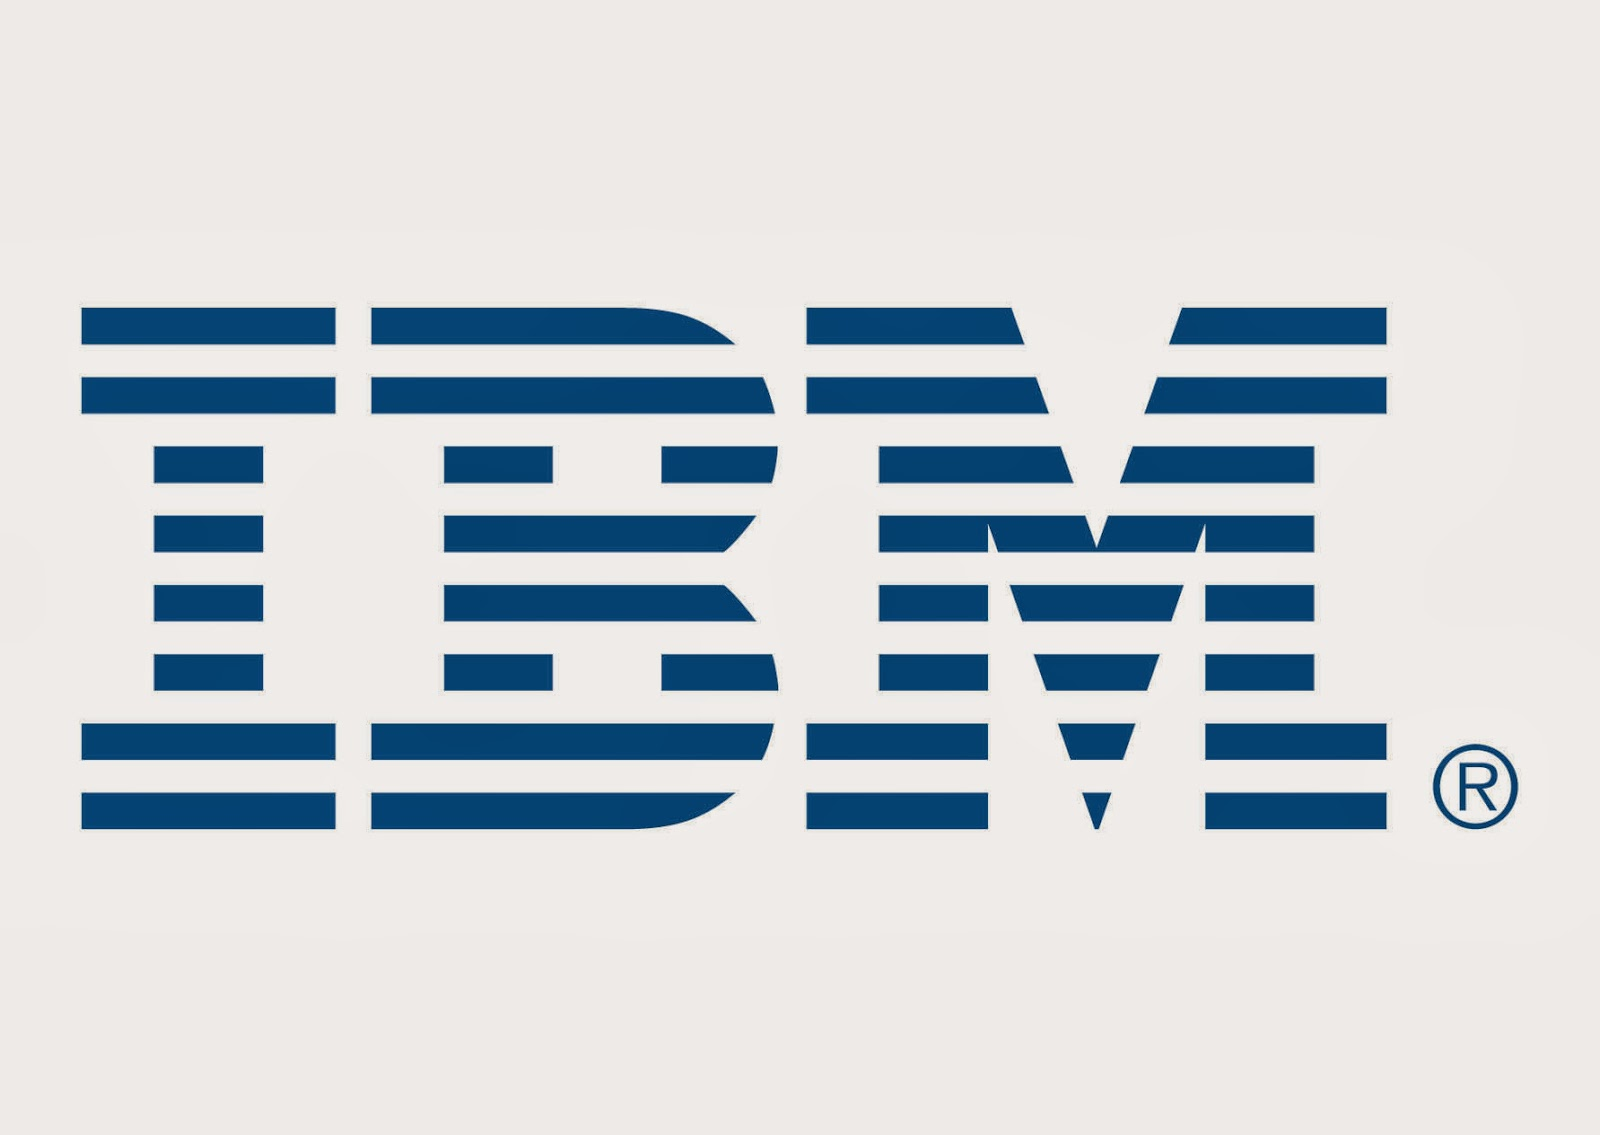 Lowongan Pekerjaan Specialty Software Sales Representative (ICS) IBM Any Indonesia